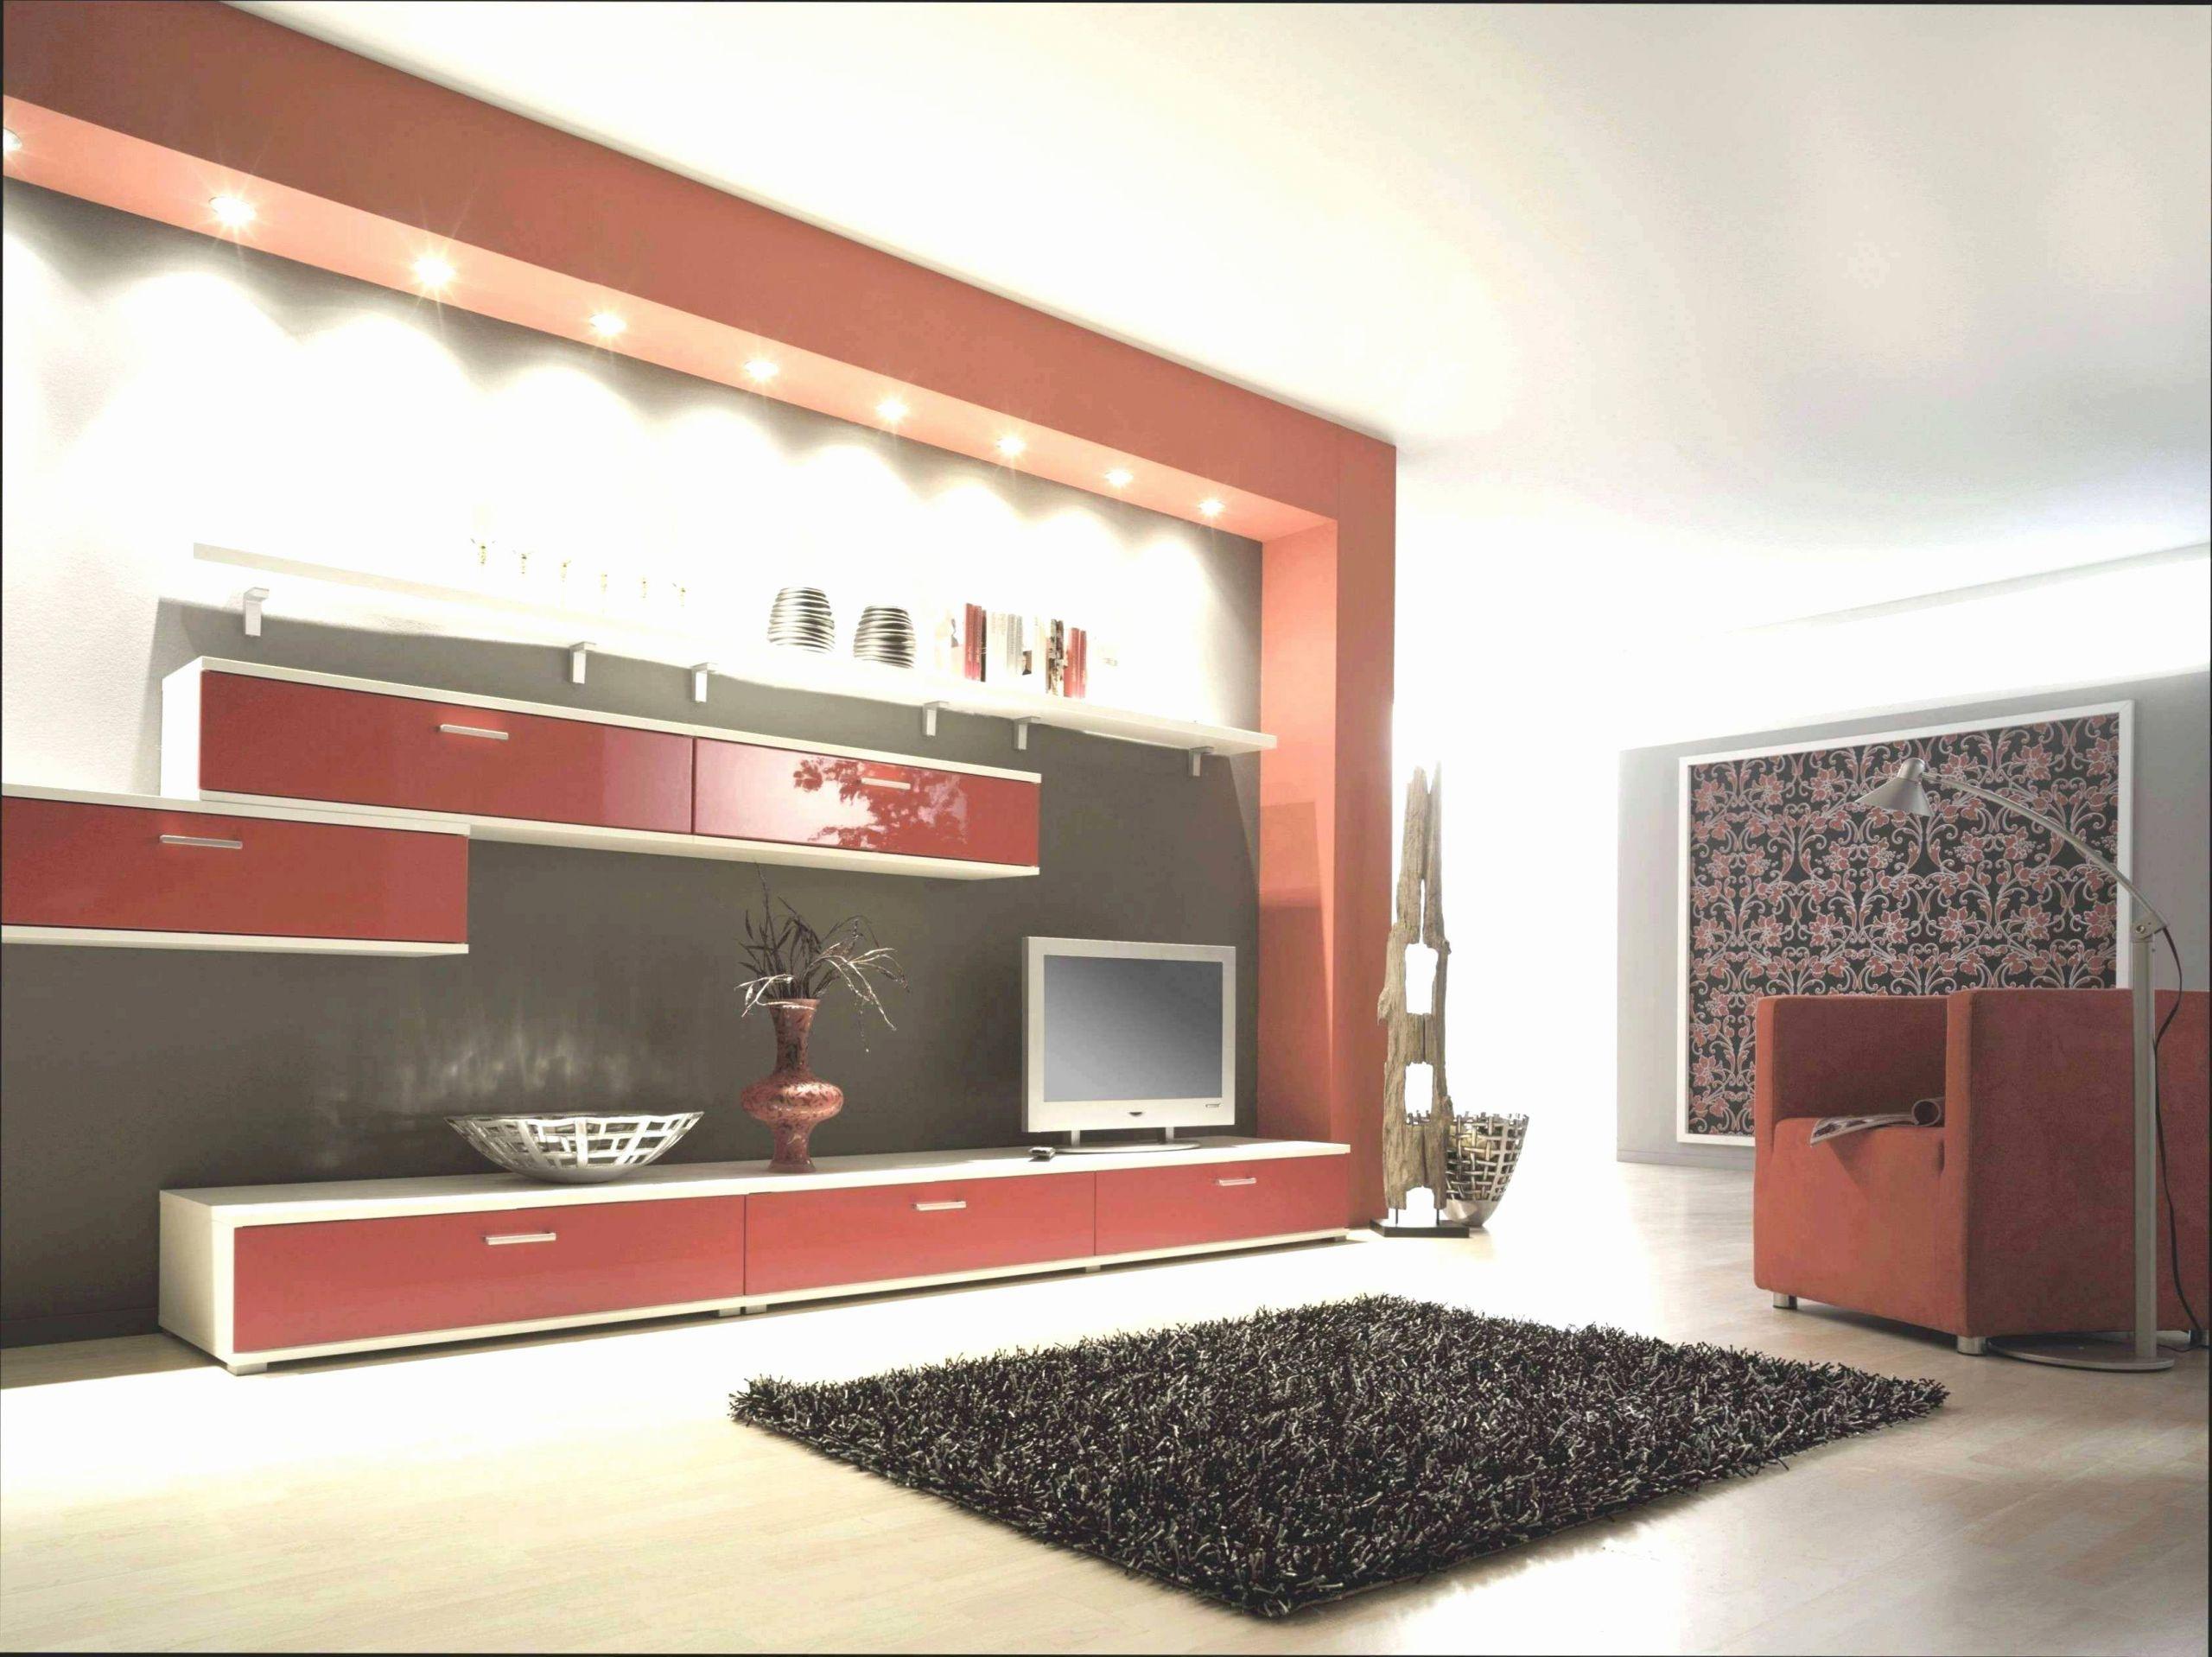 pinterest wohnzimmer design new 48 elegant deko ideen gartenhaus of pinterest wohnzimmer design